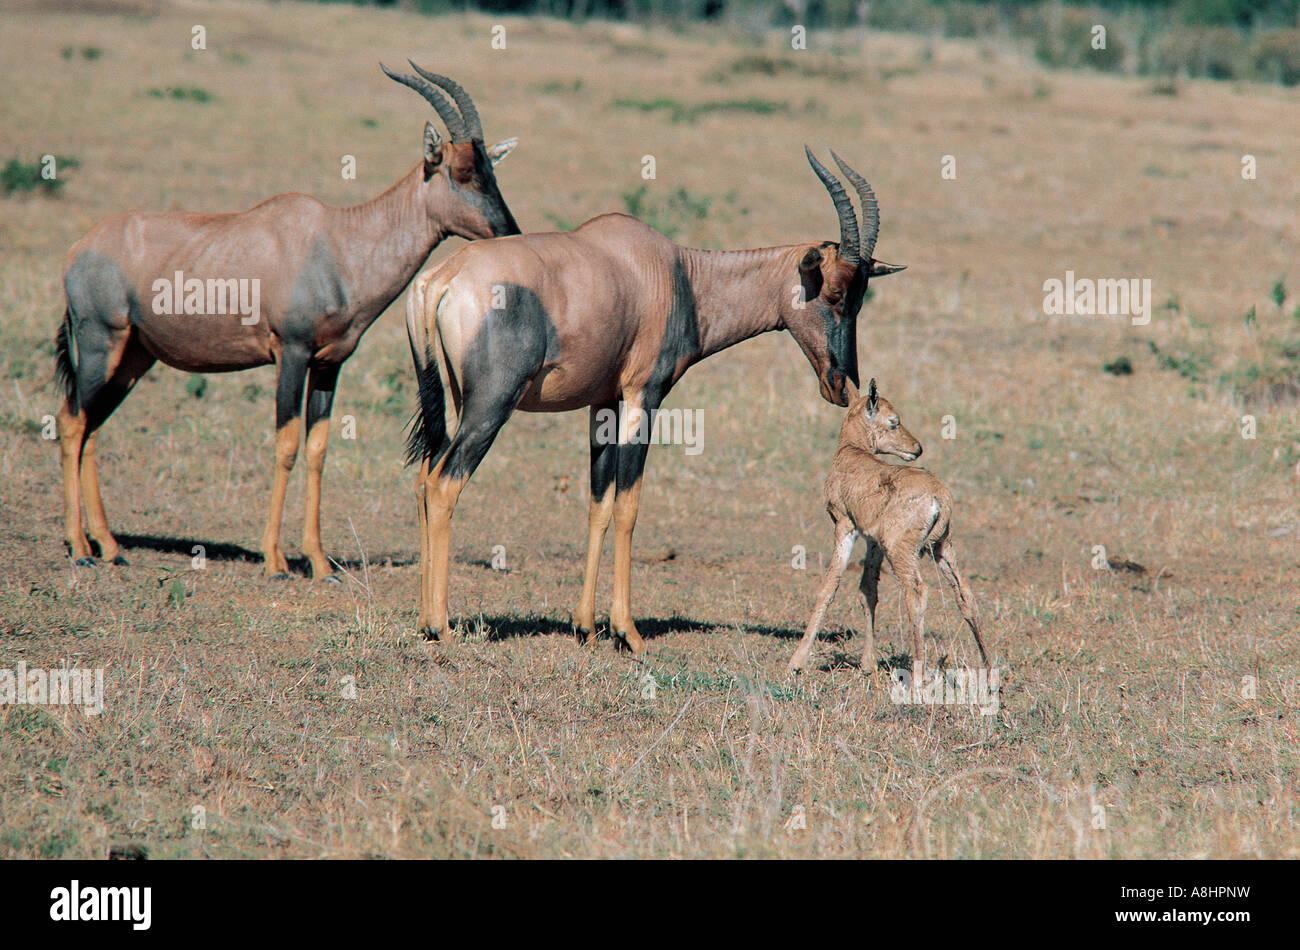 Female Topi inspecting and touching her newborn baby Masai Mara Kenya - Stock Image